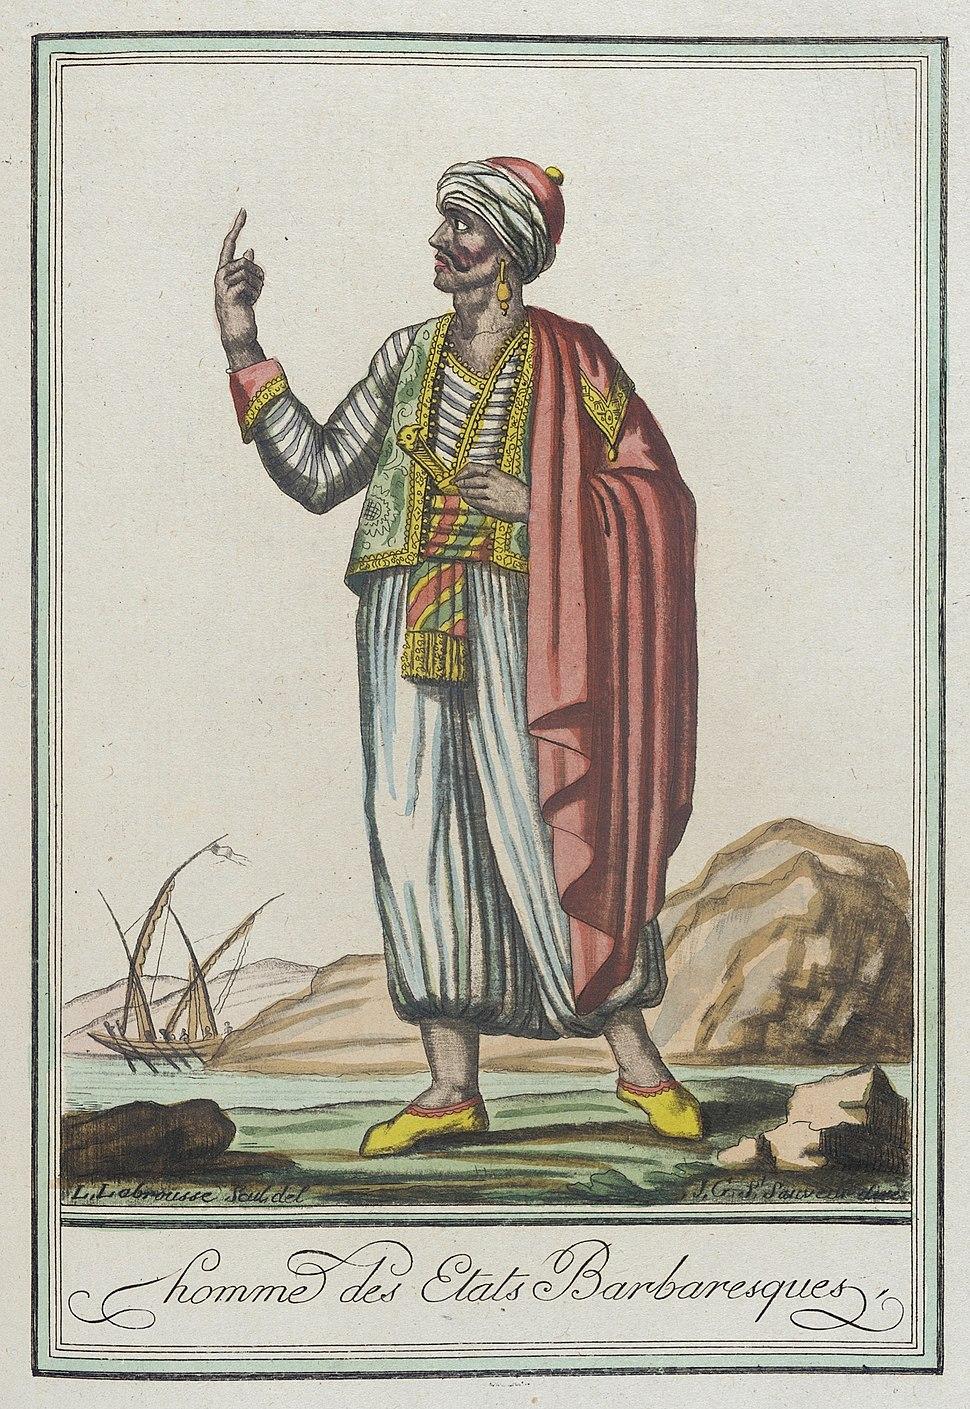 Costumes de Differents Pays, 'Homme des Etats Barbaresques' LACMA M.83.190.274